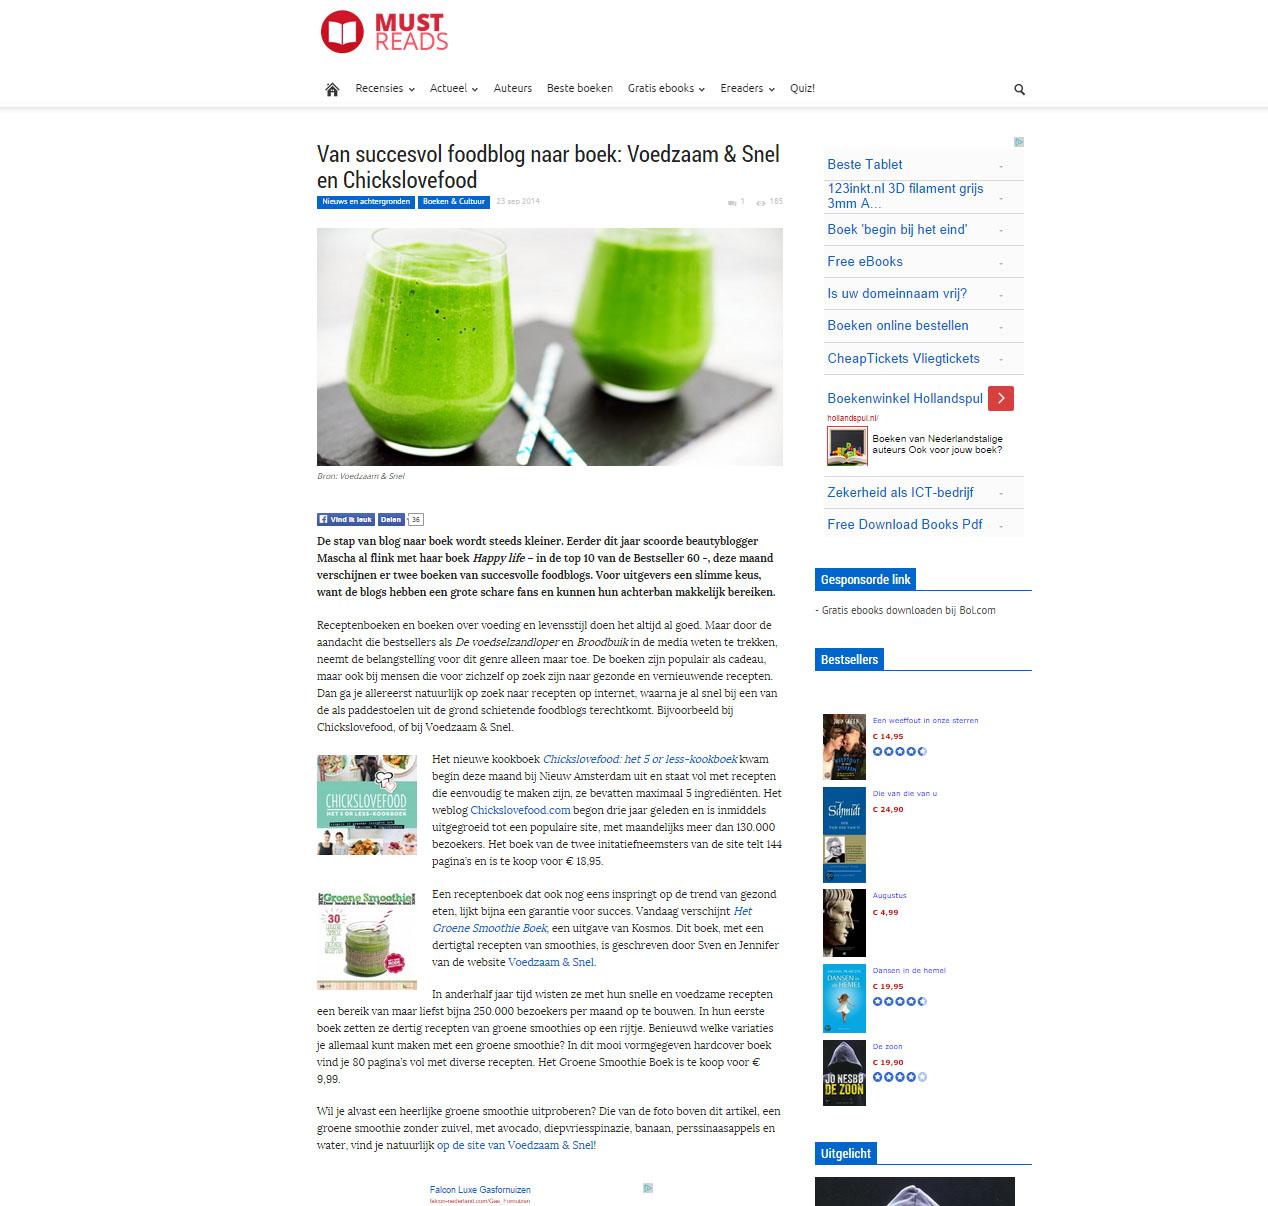 Mustreads over Het Groene Smoothie Boek